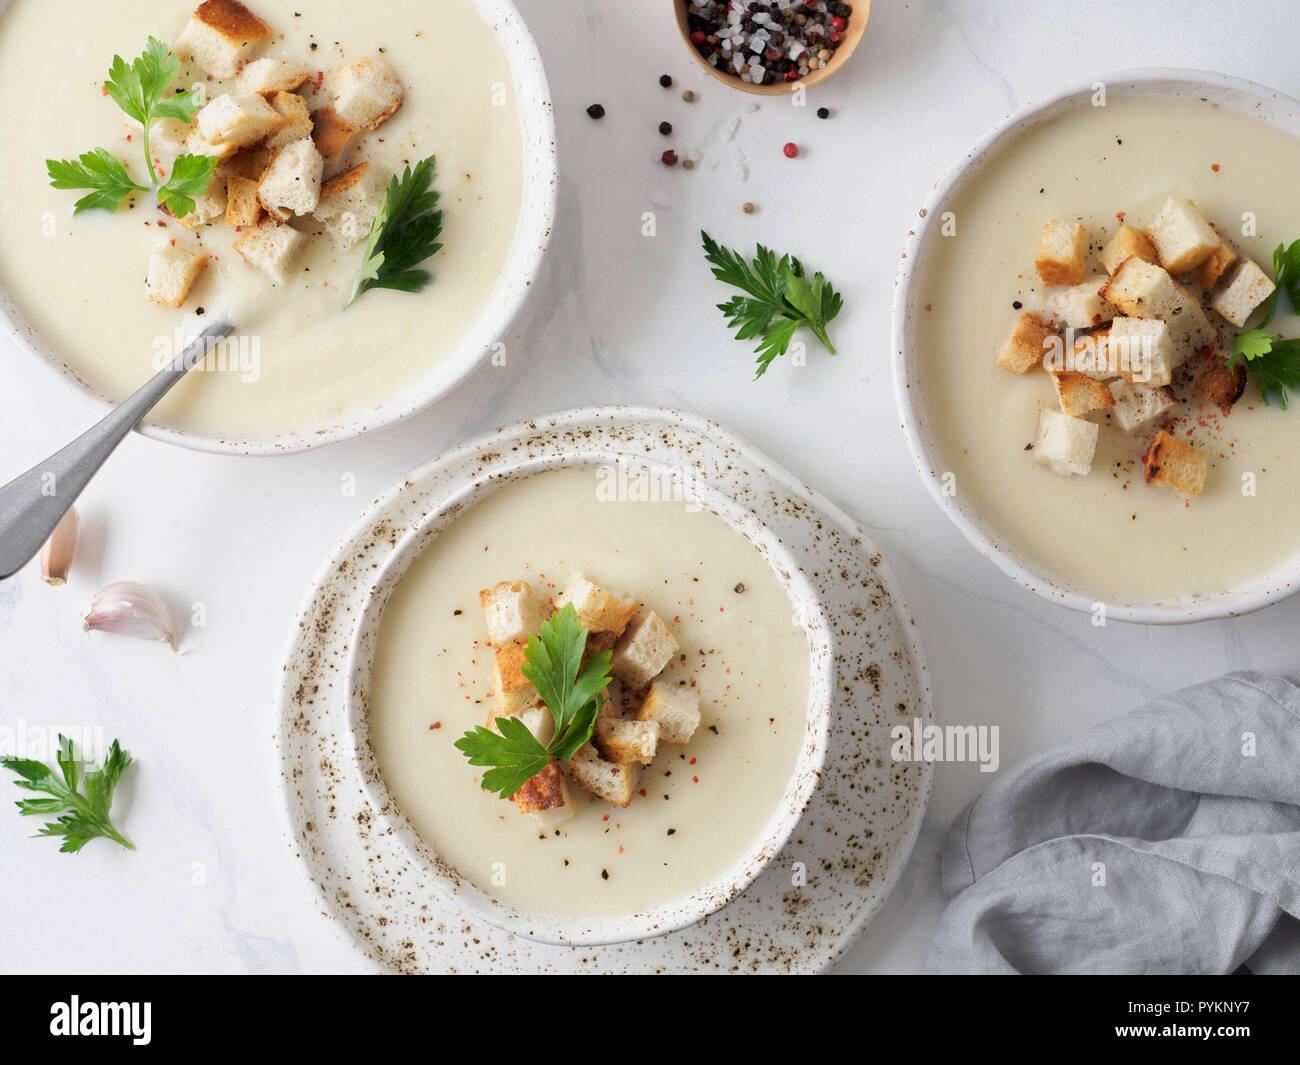 Blumenkohl Kartoffel Suppe Purieren Auf Weissem Marmor Tischplatte